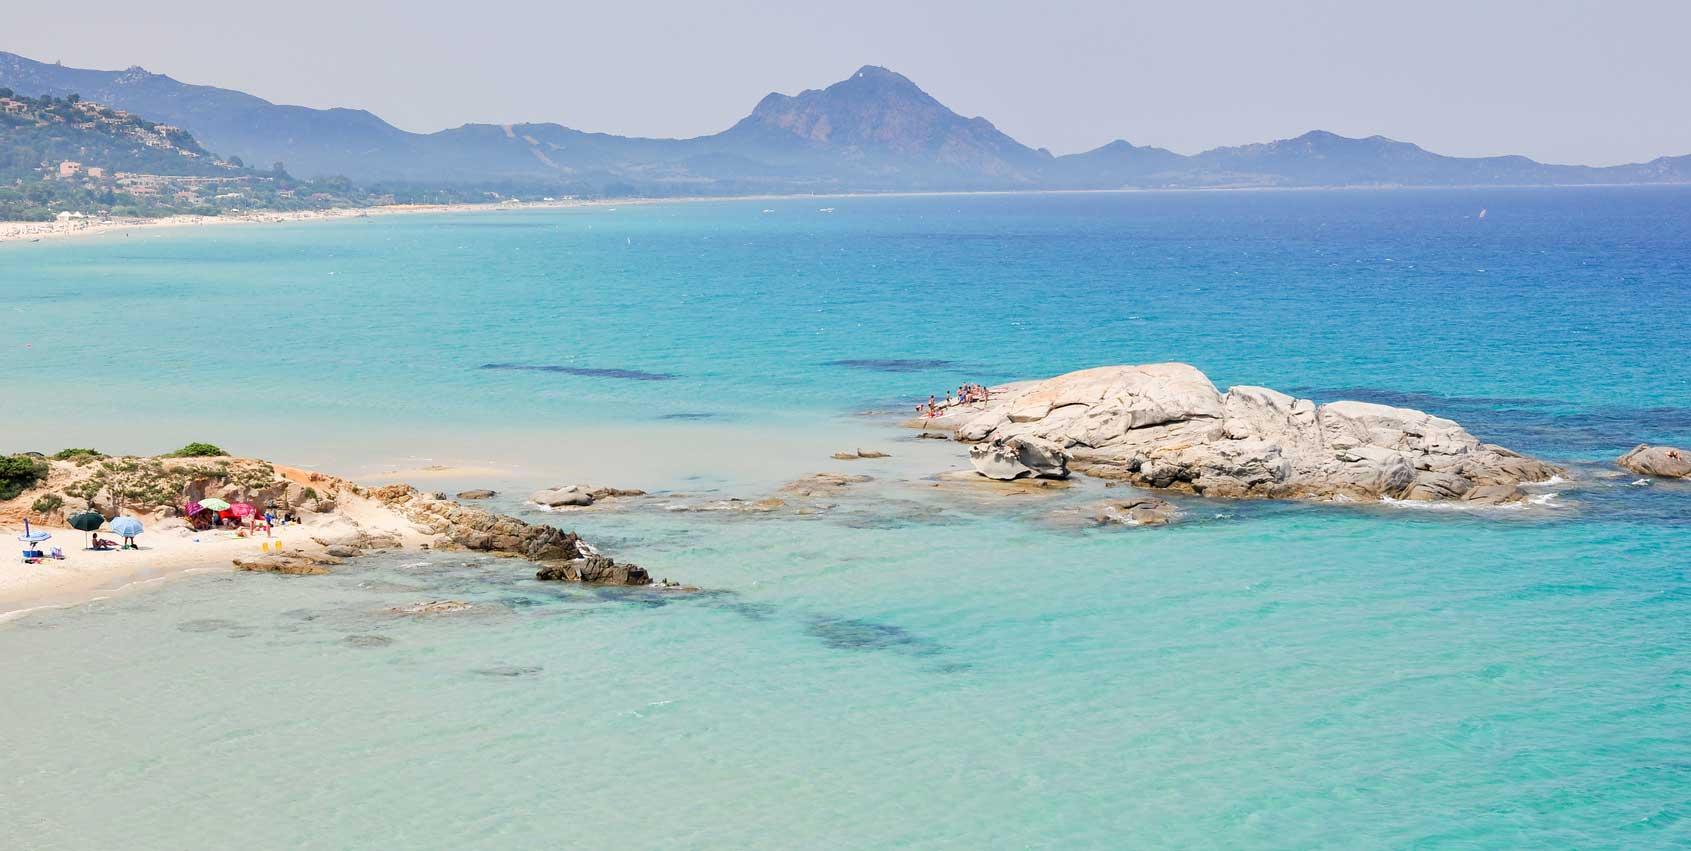 Le 3 migliori escursioni da fare a villasimius e costa rei - Spiaggia piscina rei ...